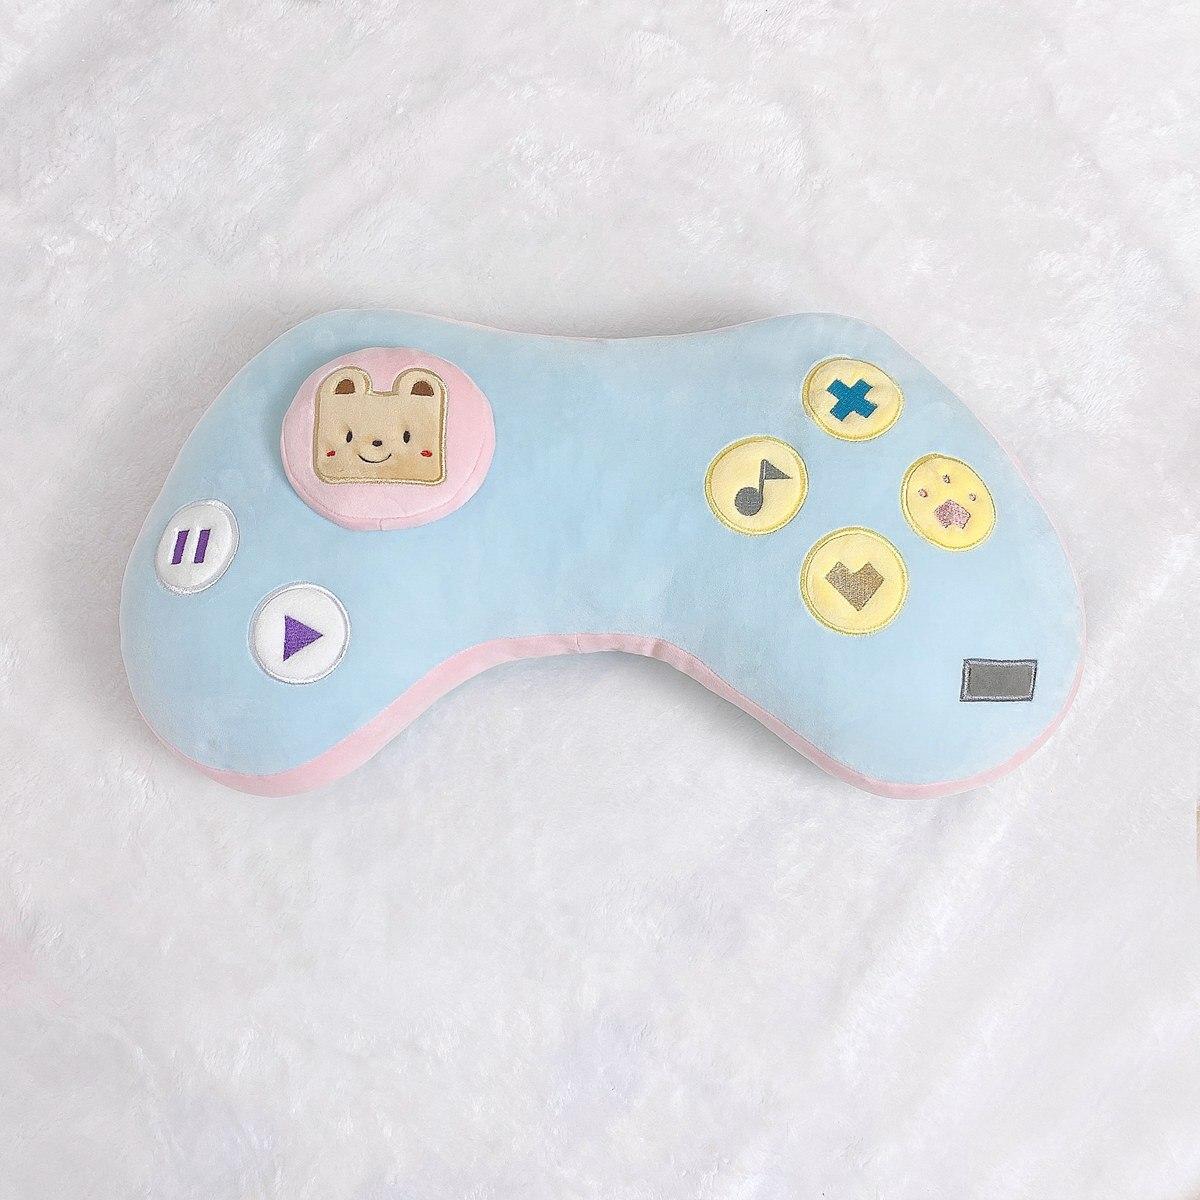 Kawaii Game Console Controller Pillow Plush 9